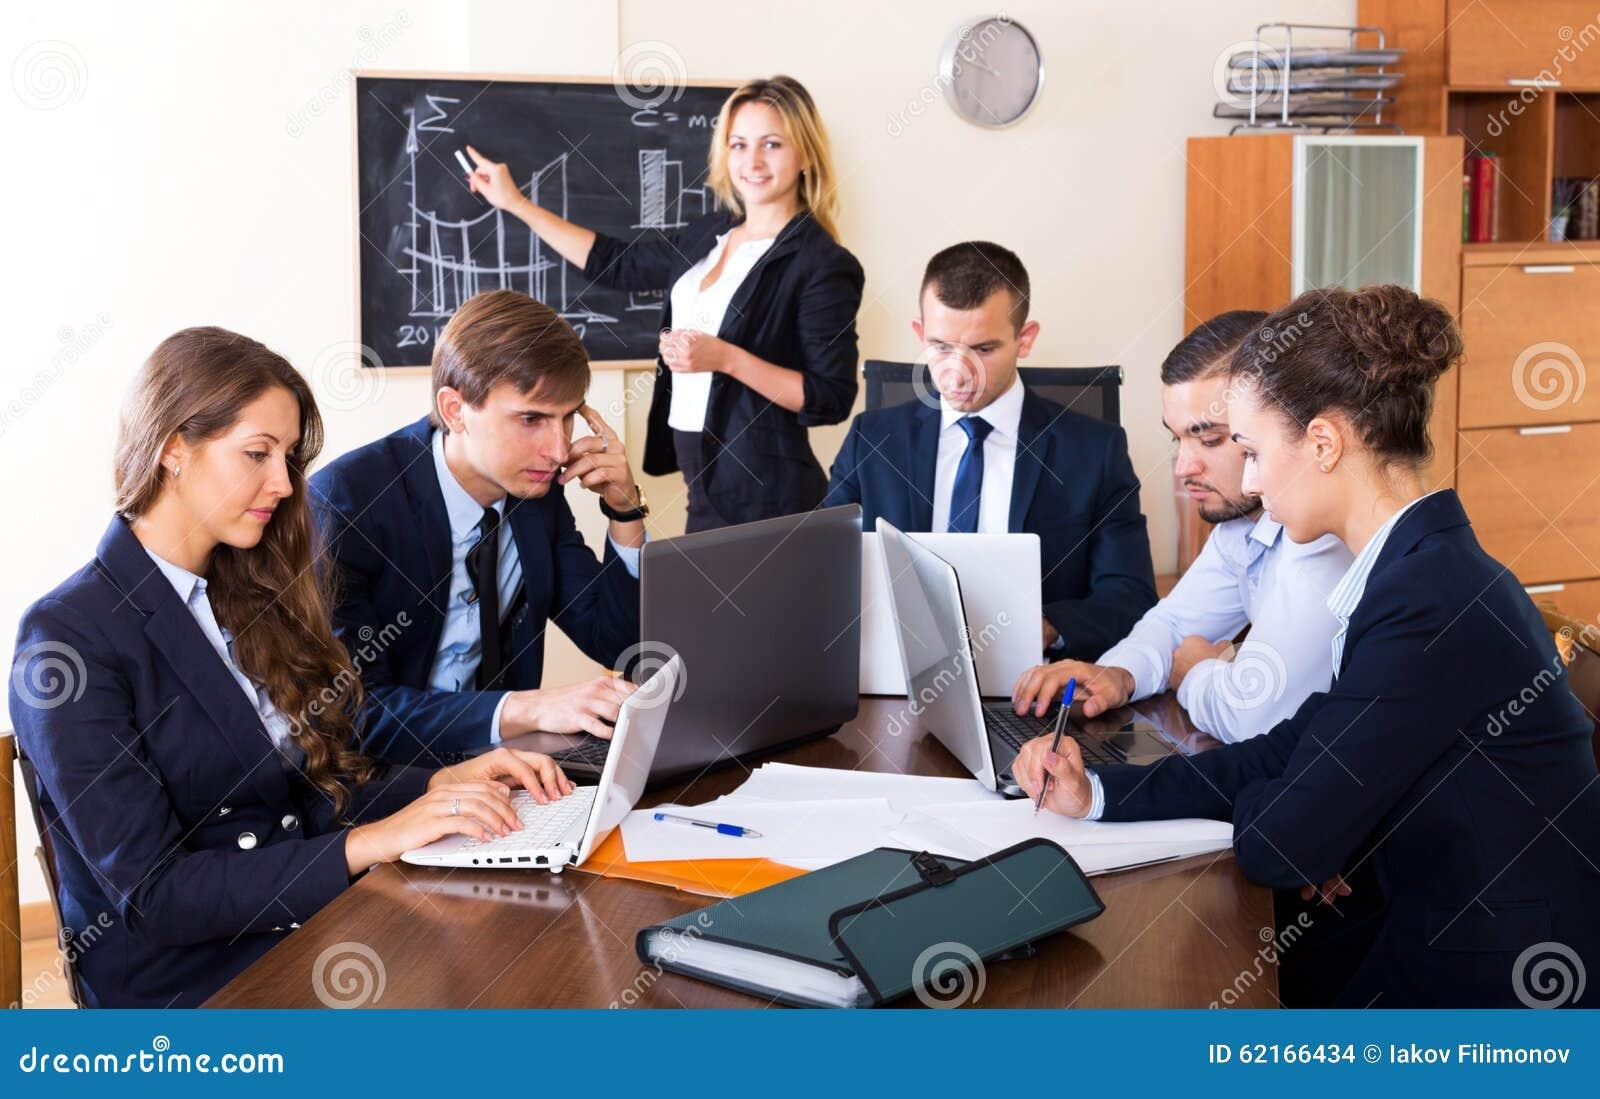 Προϊστάμενος με την κατώτερη συζήτηση ανώτερων υπαλλήλων